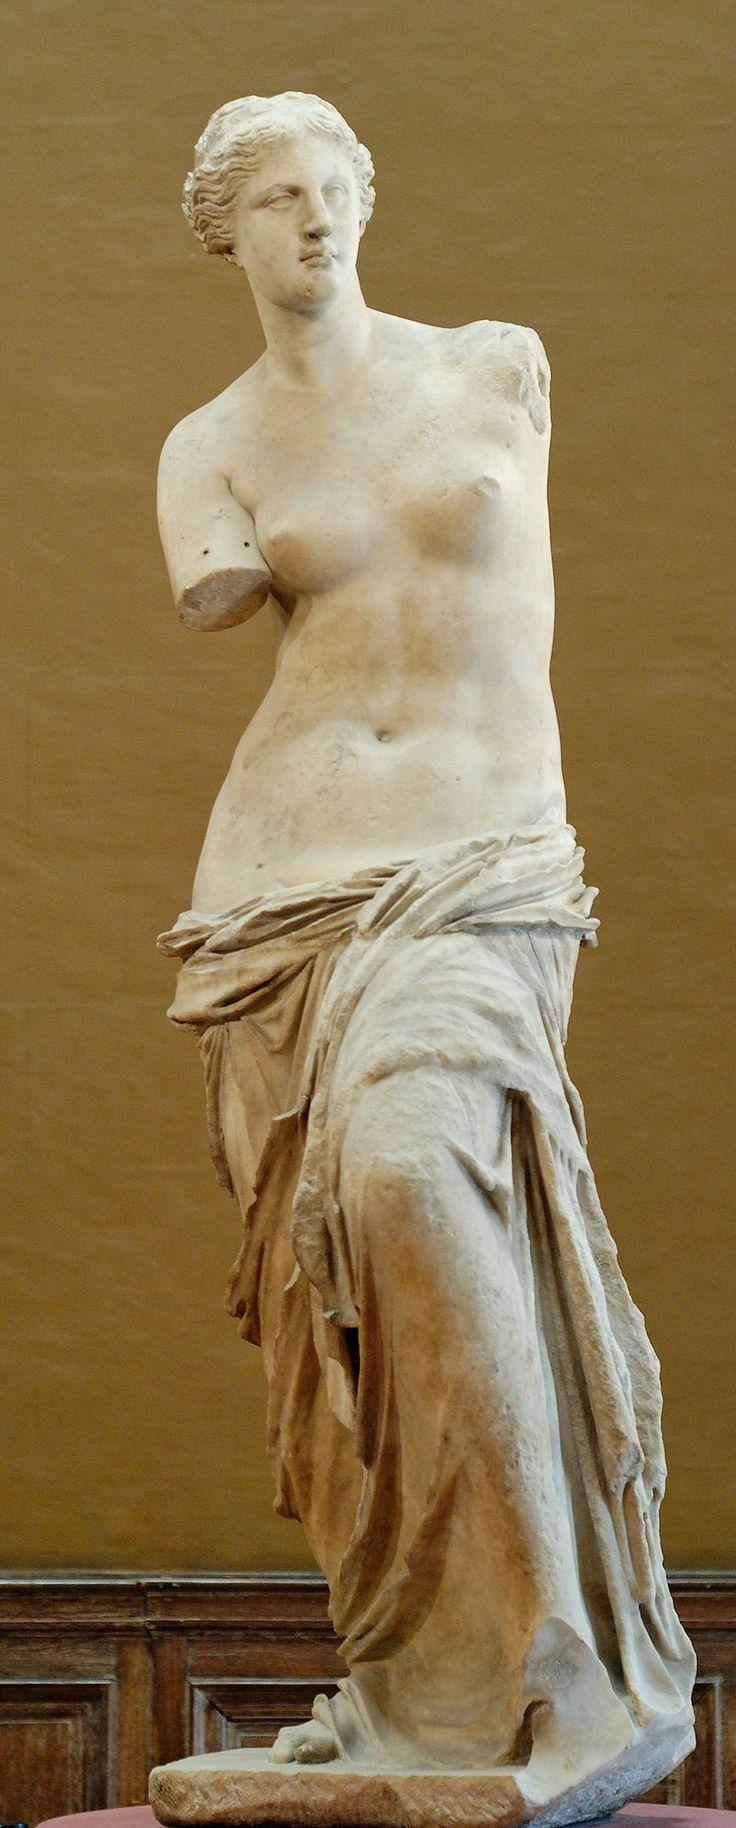 """""""La Vénus de Milo"""" - Célèbre sculpture grecque de la fin de l'époque hellénistique (vers 130-100 avant notre ère) qui pourrait représenter la déesse Aphrodite (assimilée à Vénus dans la mythologie romaine) - Découverte en 1820 sur l'île de Milos (Milo étant une forme ancienne du nom de cette île), d'où son nom - Musée du Louvre, Paris."""